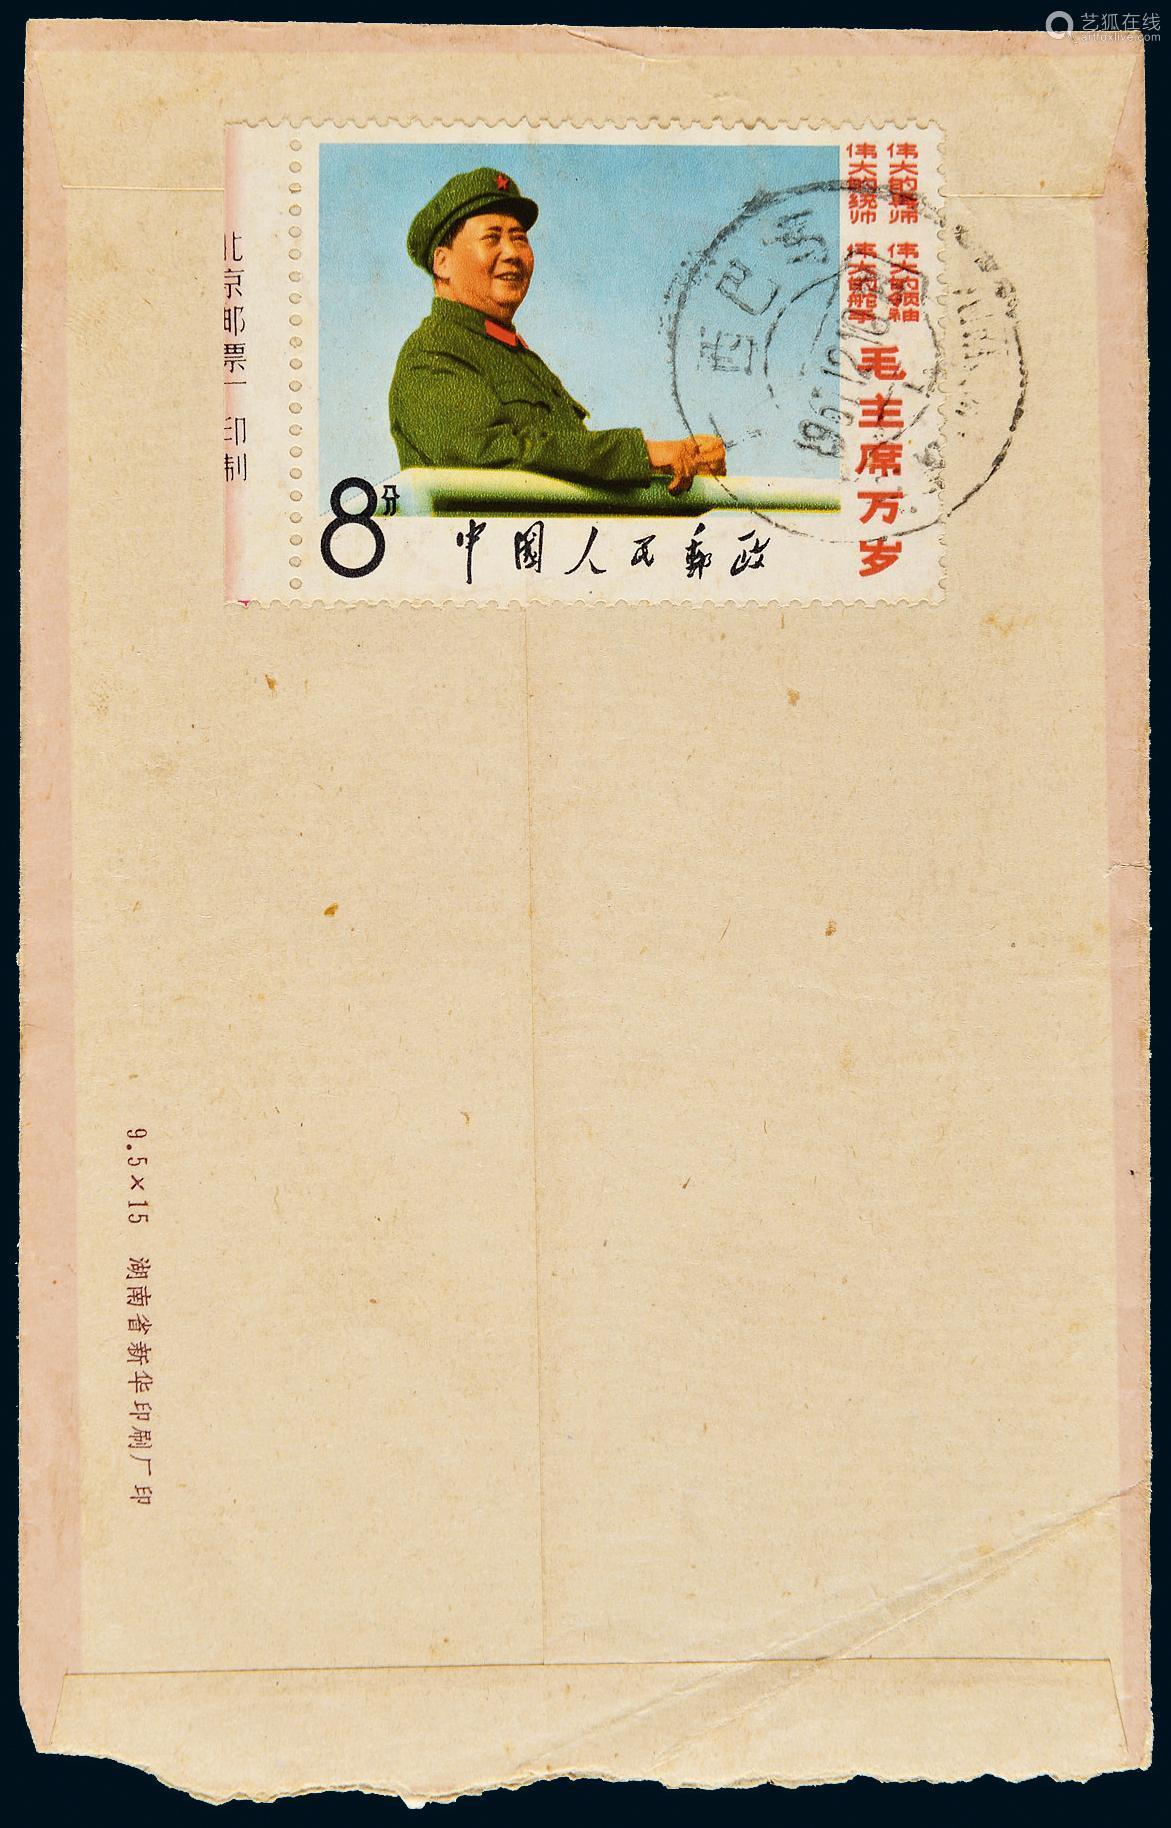 1967年广西巴马寄南宁封